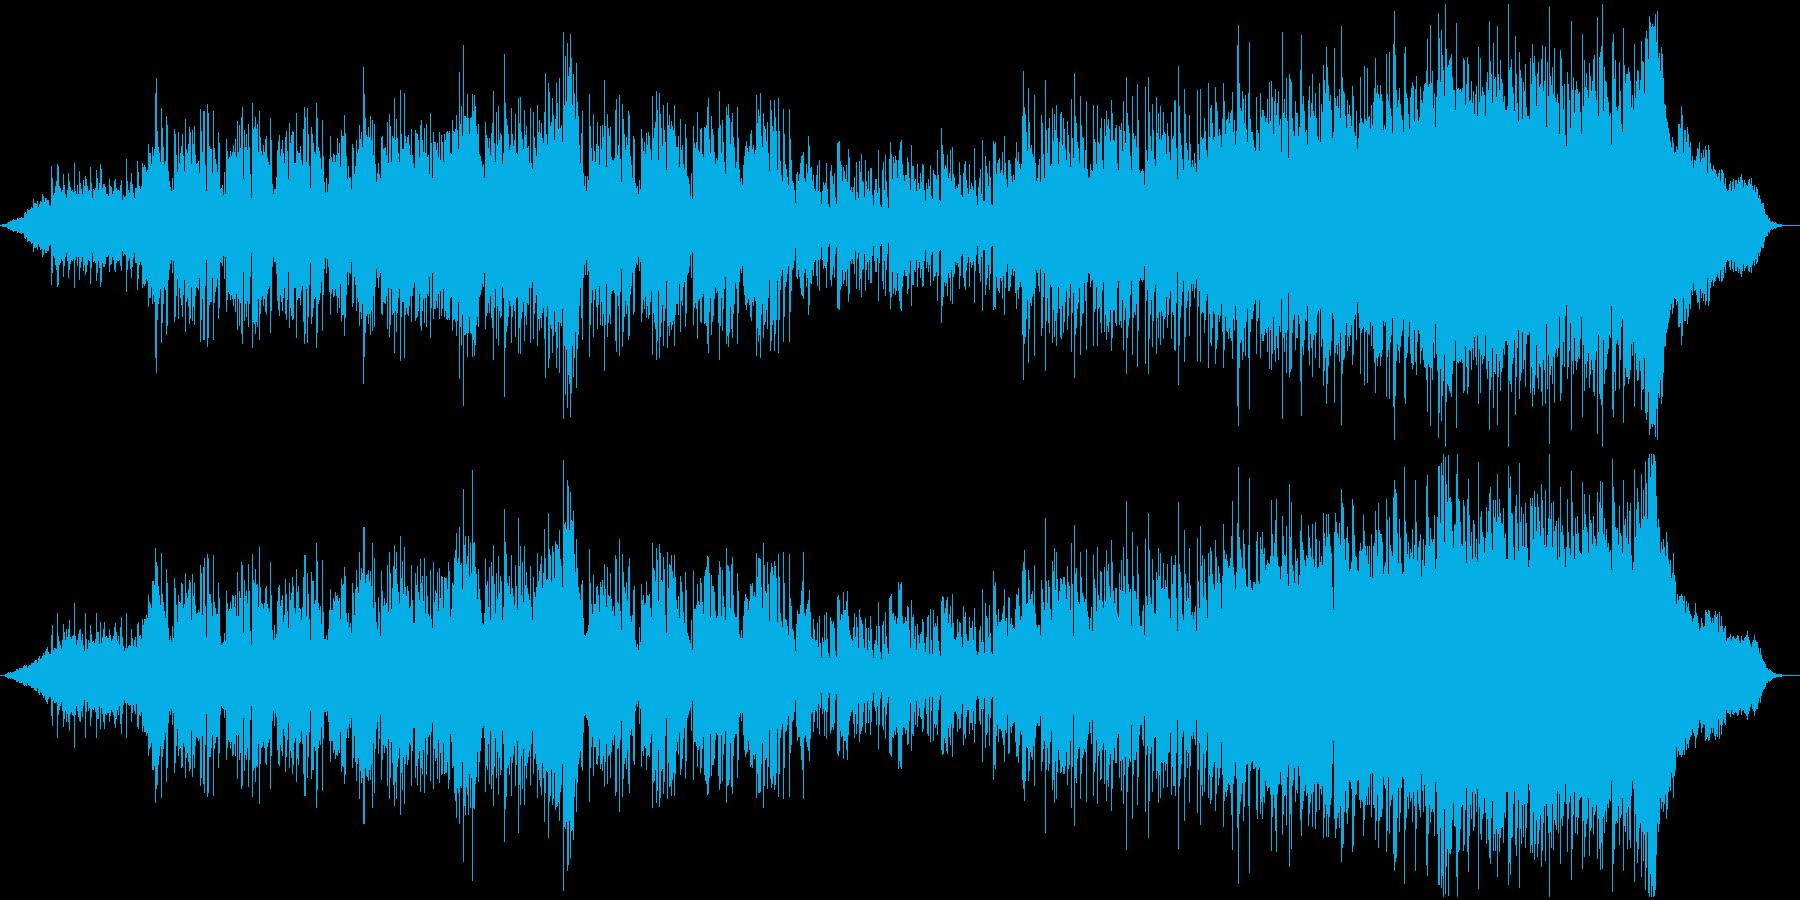 変拍子 分析 機械 アプリ 映像用の再生済みの波形